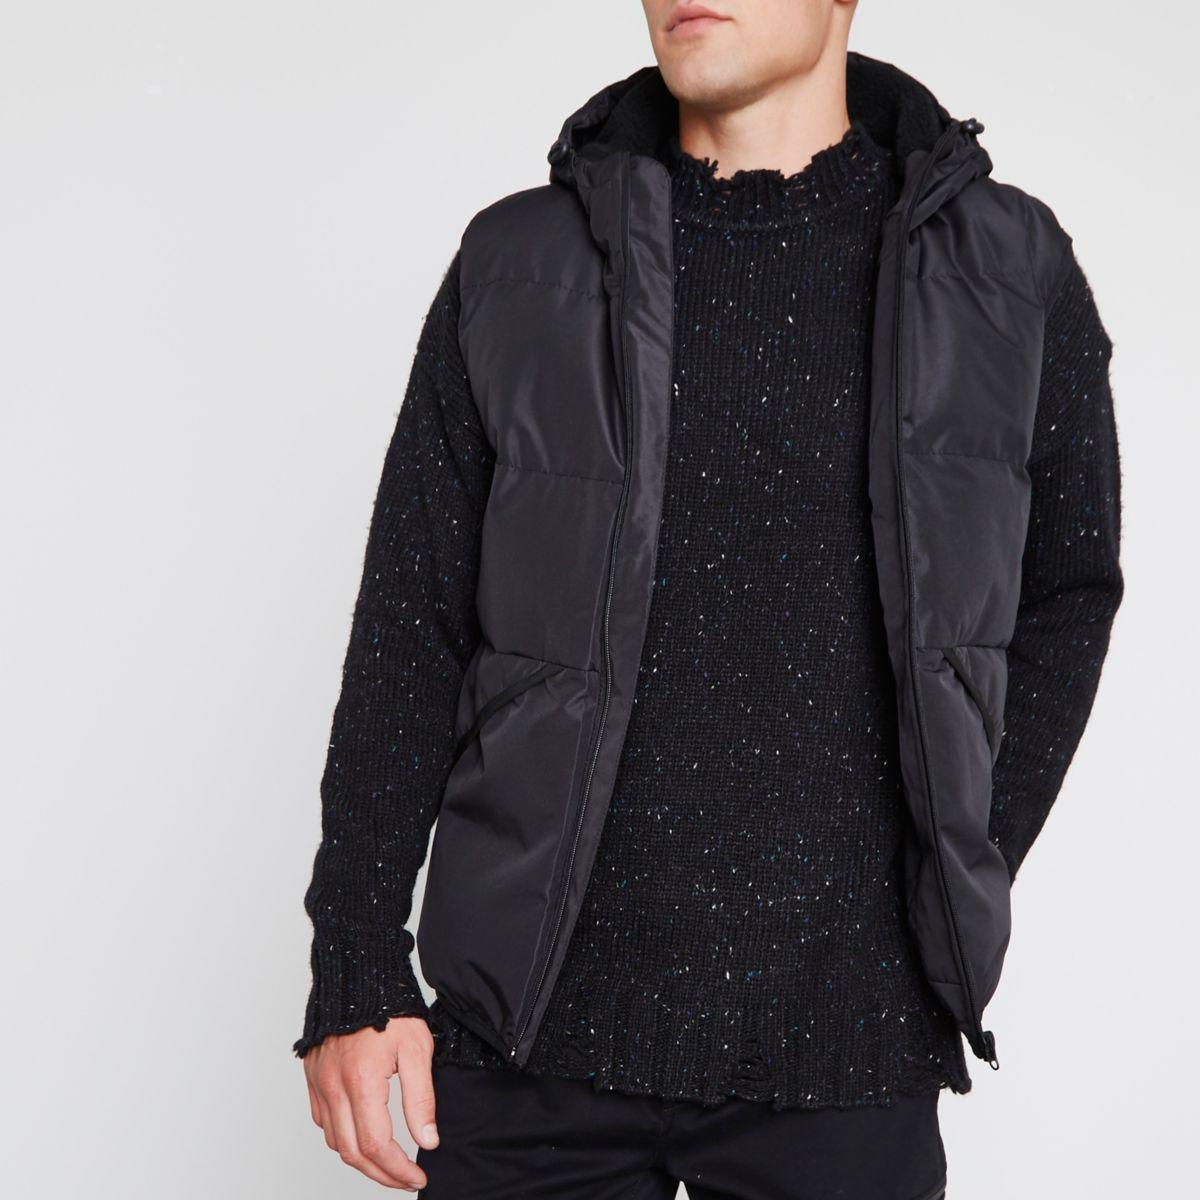 Veste matelassée noire sans manches à capuche